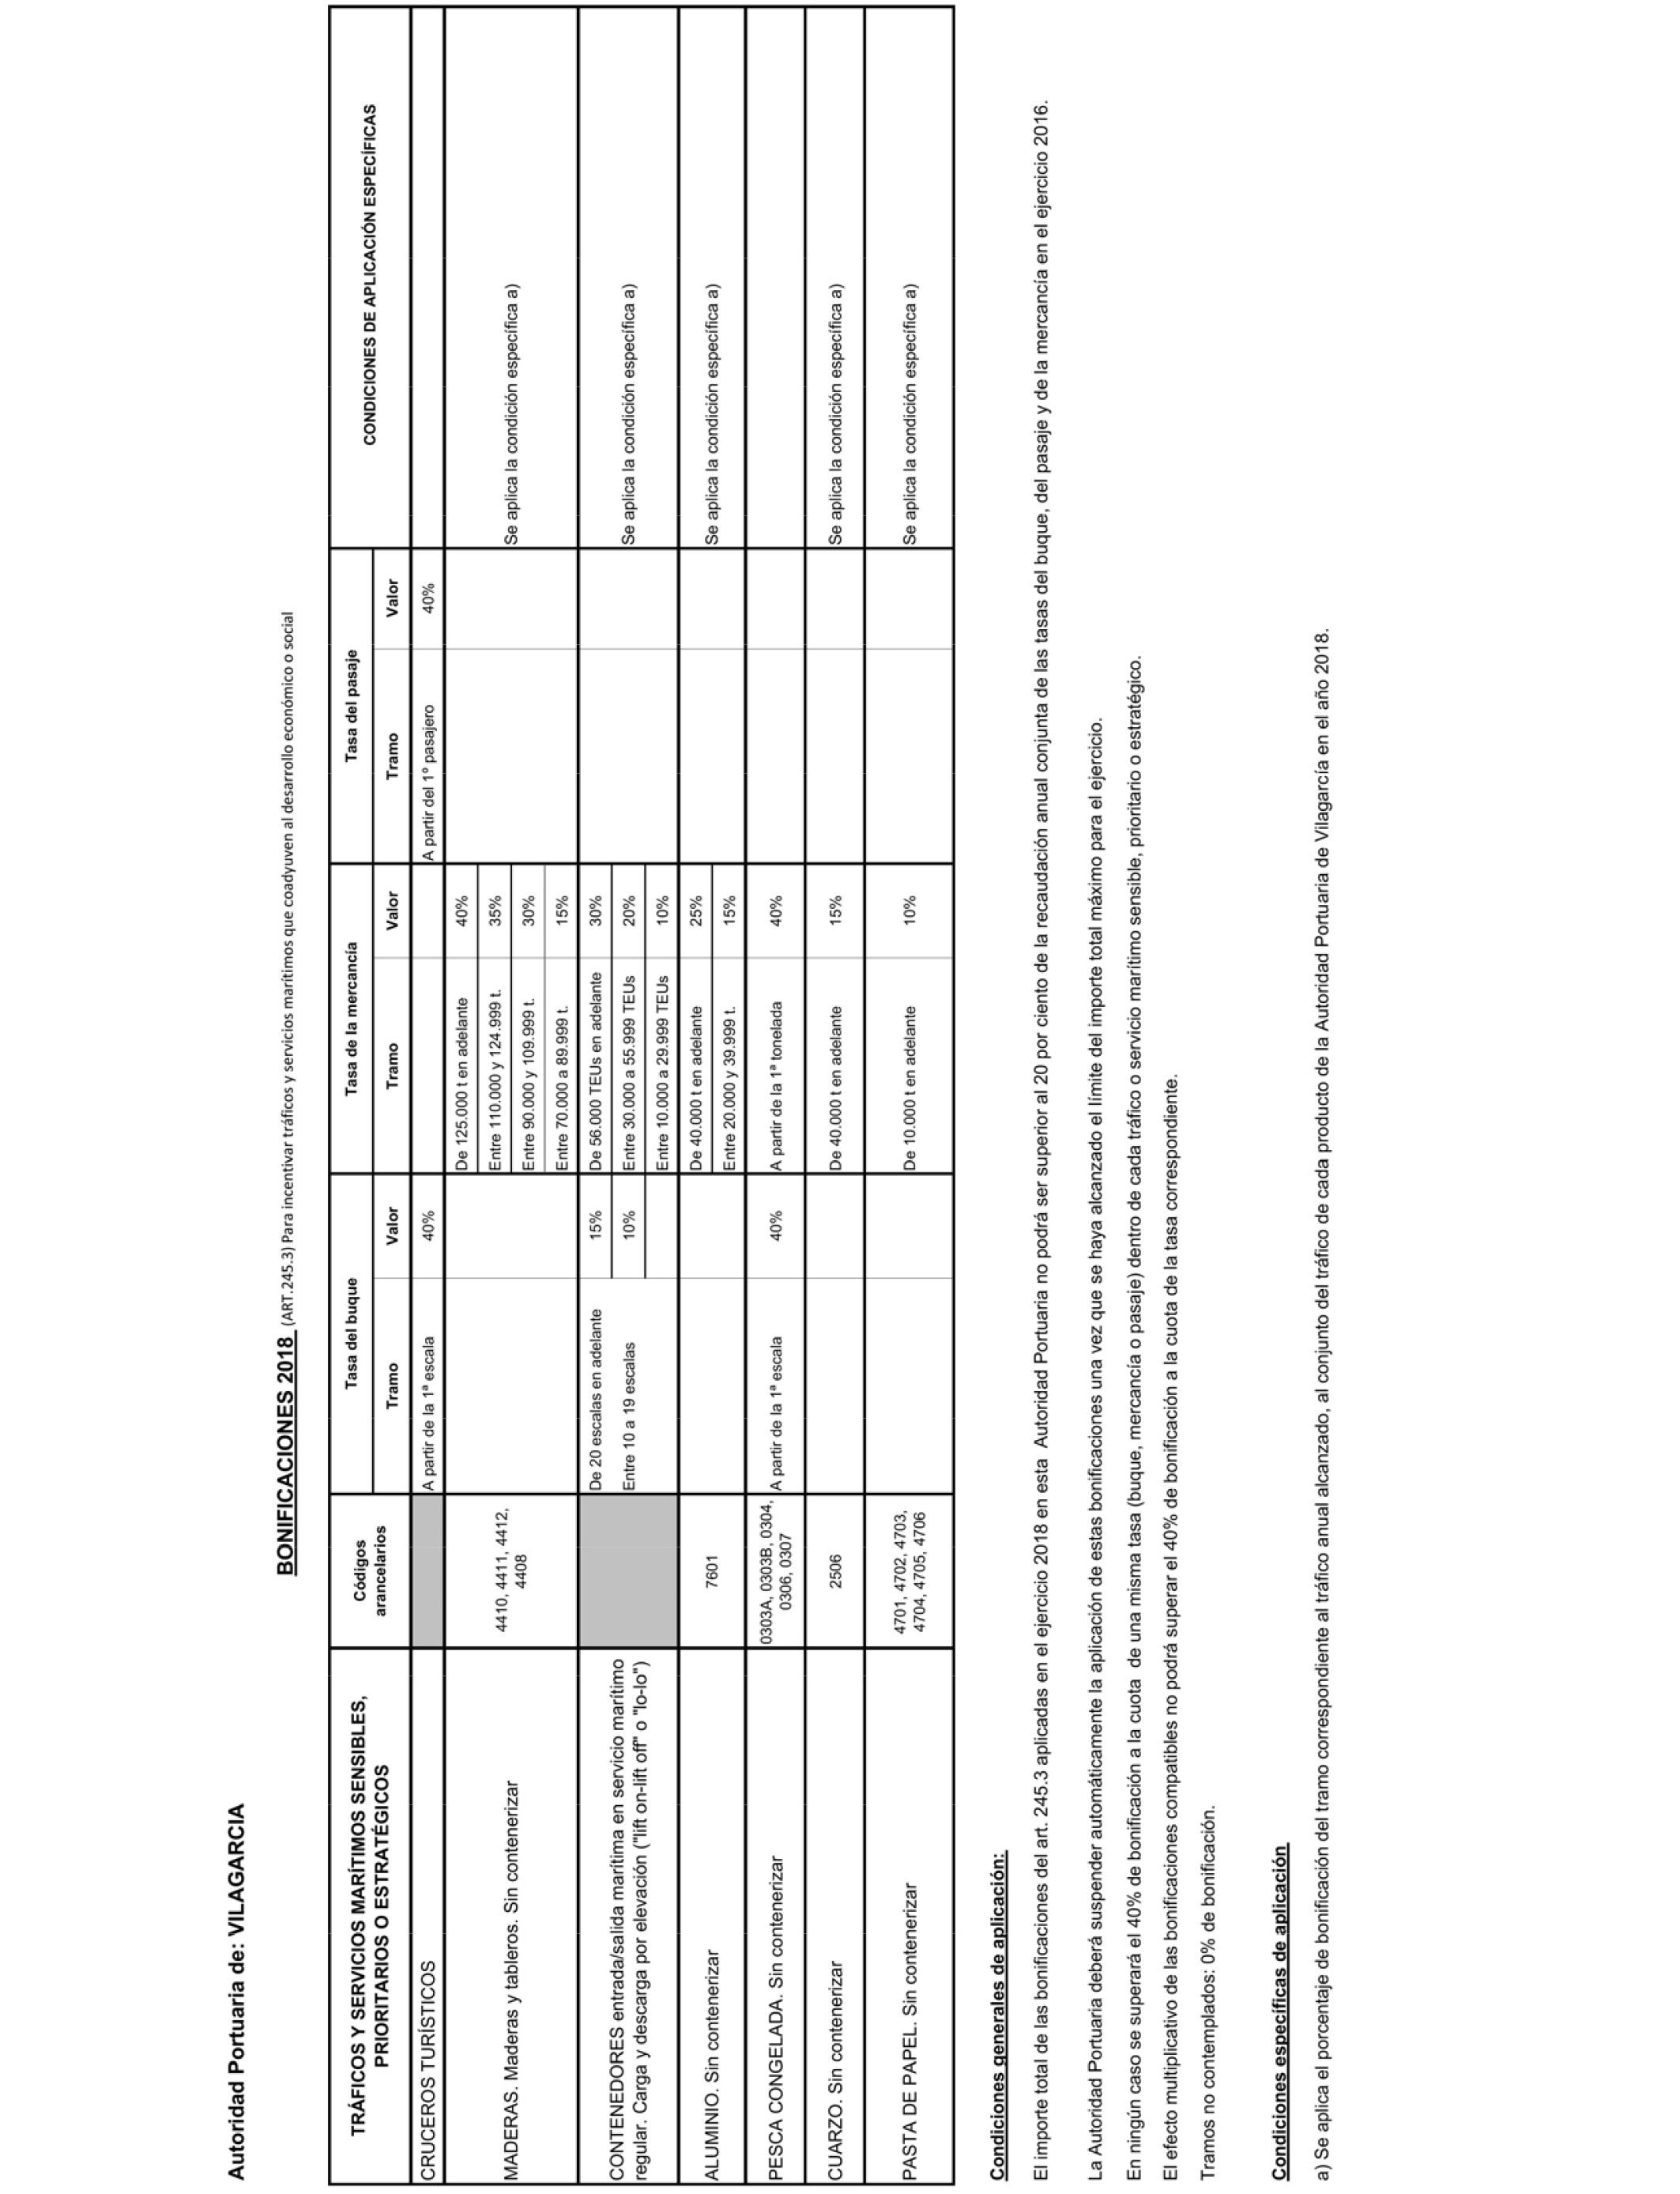 Calendario Escolar 2019 Valladolid Más Recientes Boe Documento Consolidado Boe A 2018 9268 Of Calendario Escolar 2019 Valladolid Más Populares Boe Documento Consolidado Boe A 2018 9268